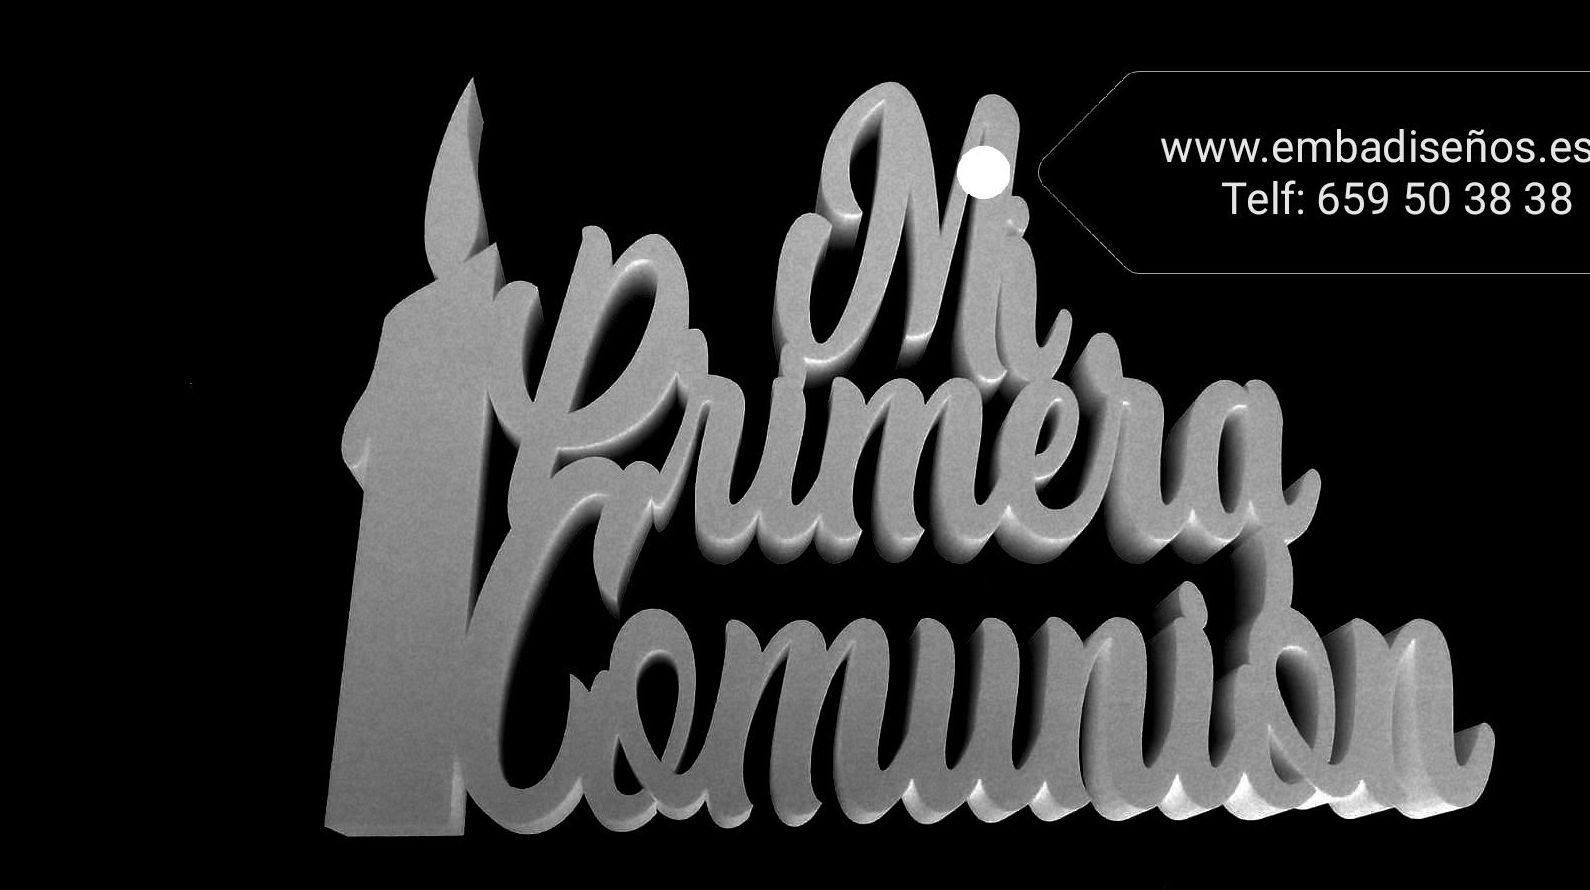 MI PRIMERA COMINION EN POLIEPAN, CORCHO BLANCO